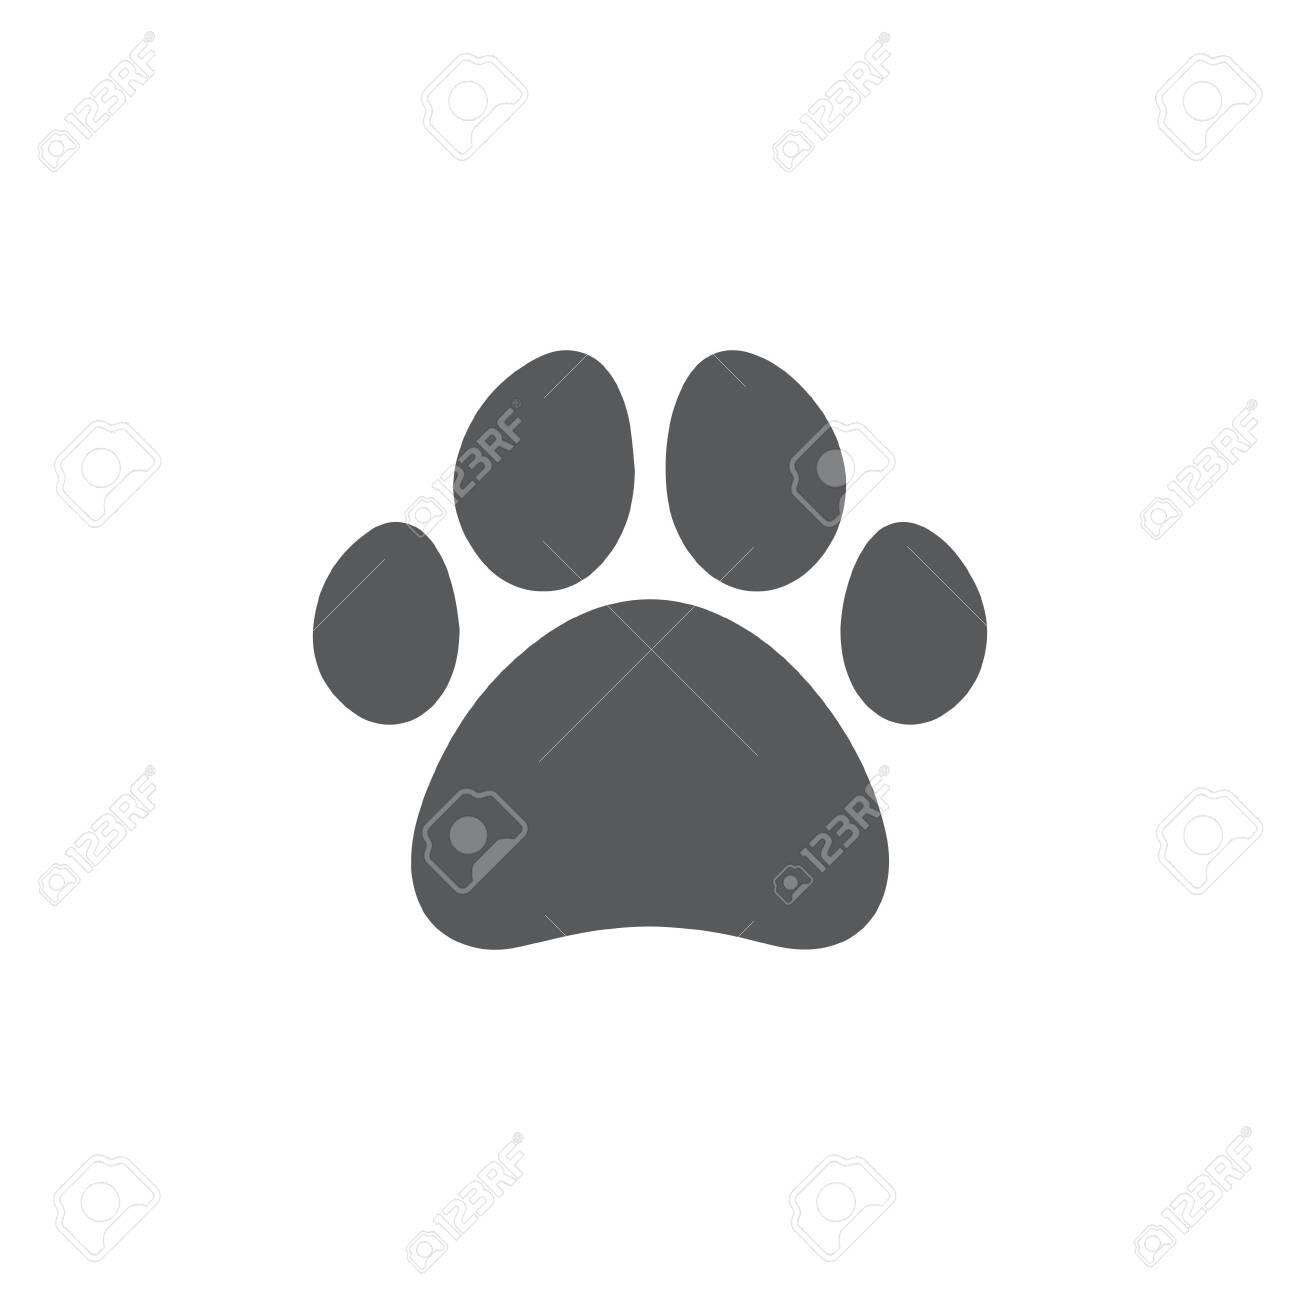 Paw icon on white background - 142547688